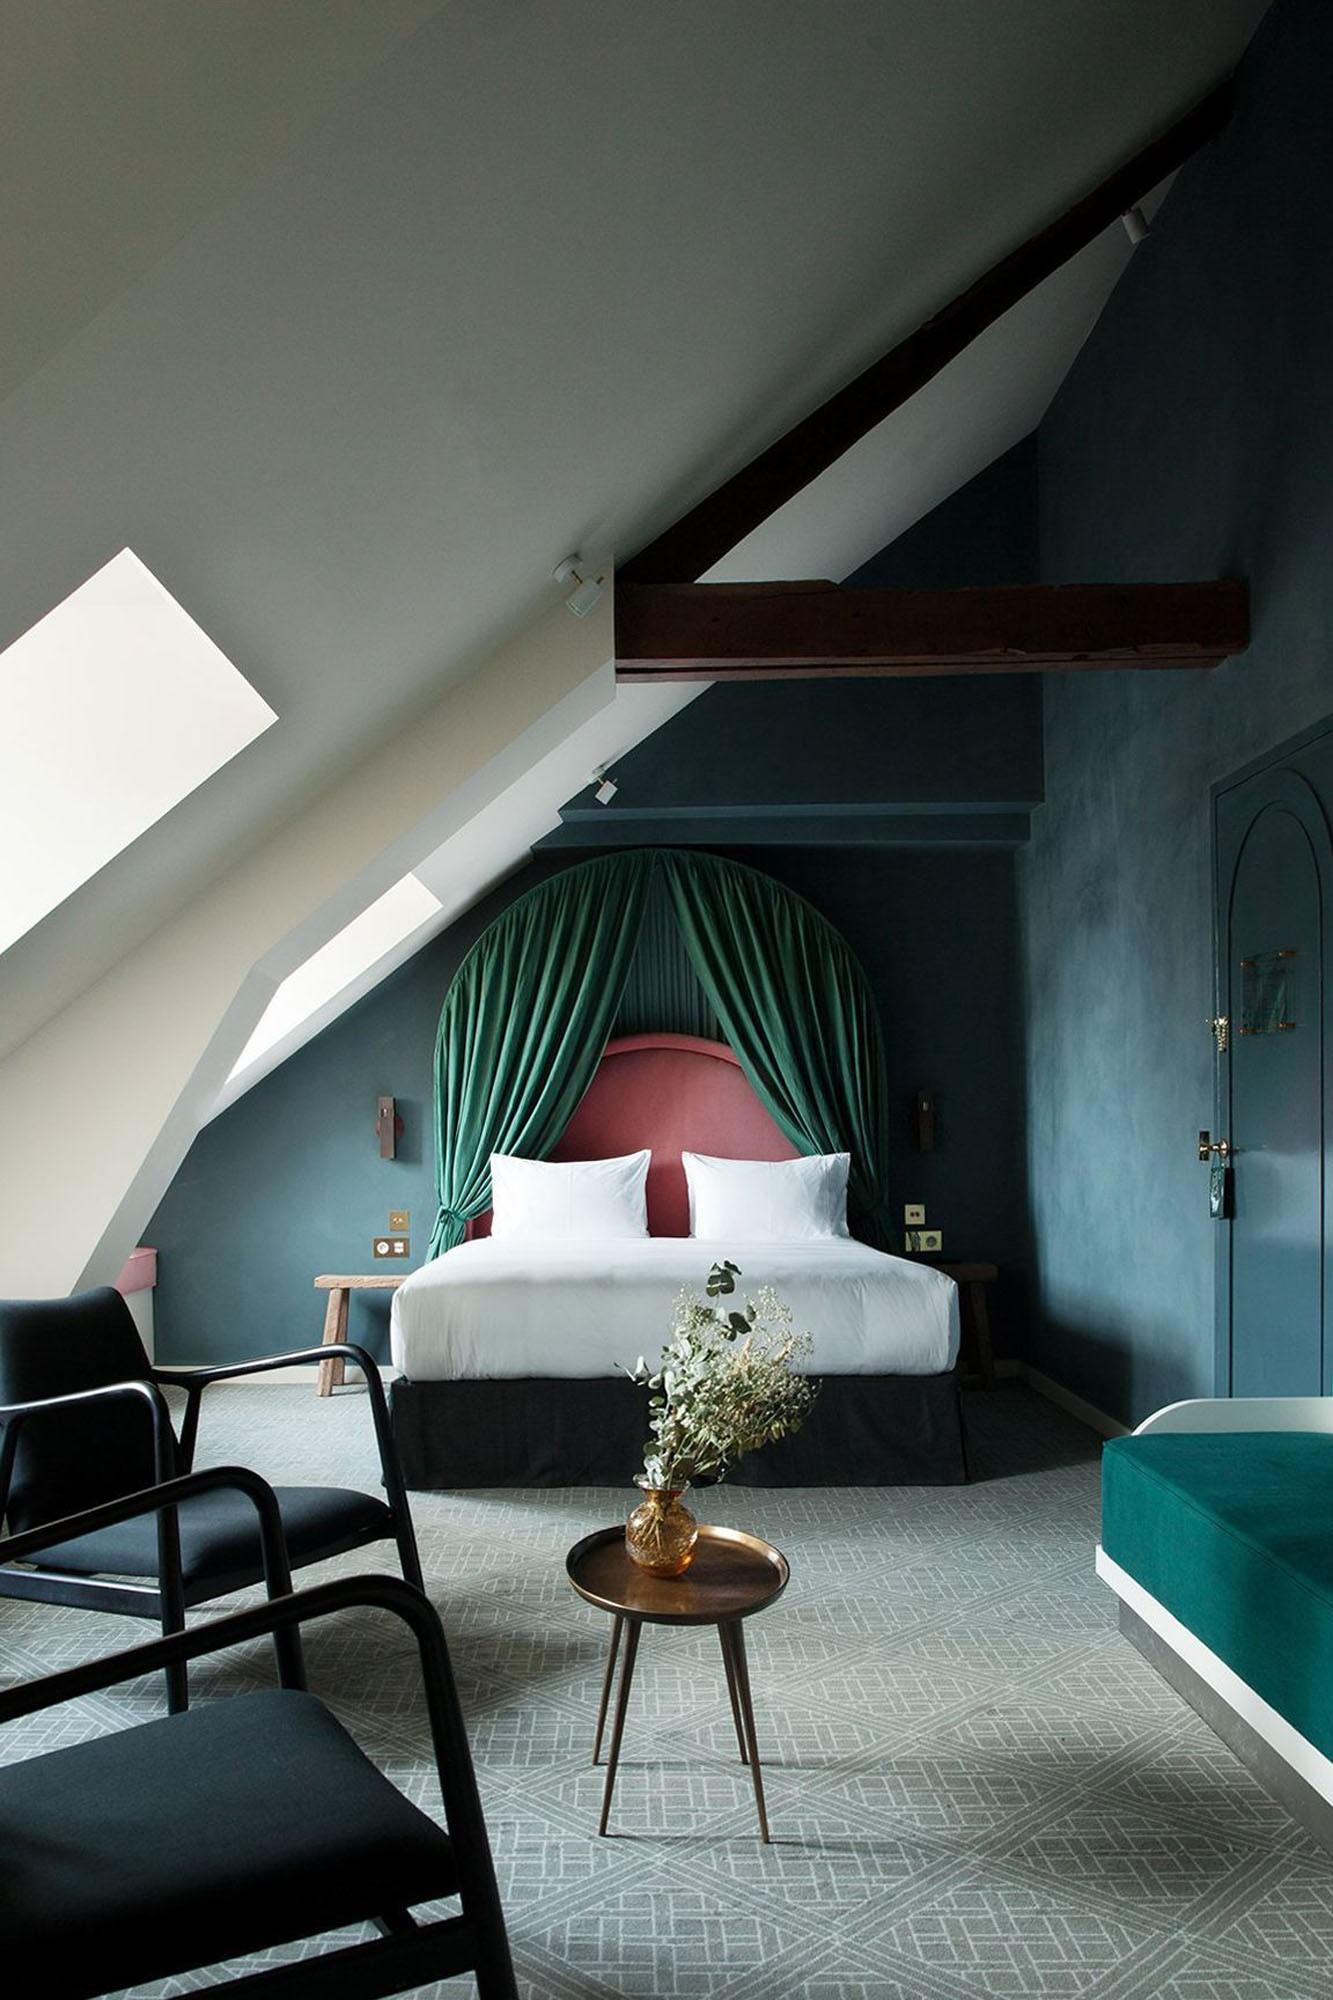 Décor do dia: quarto em tons de verde com dossel (Foto: Divulgação)